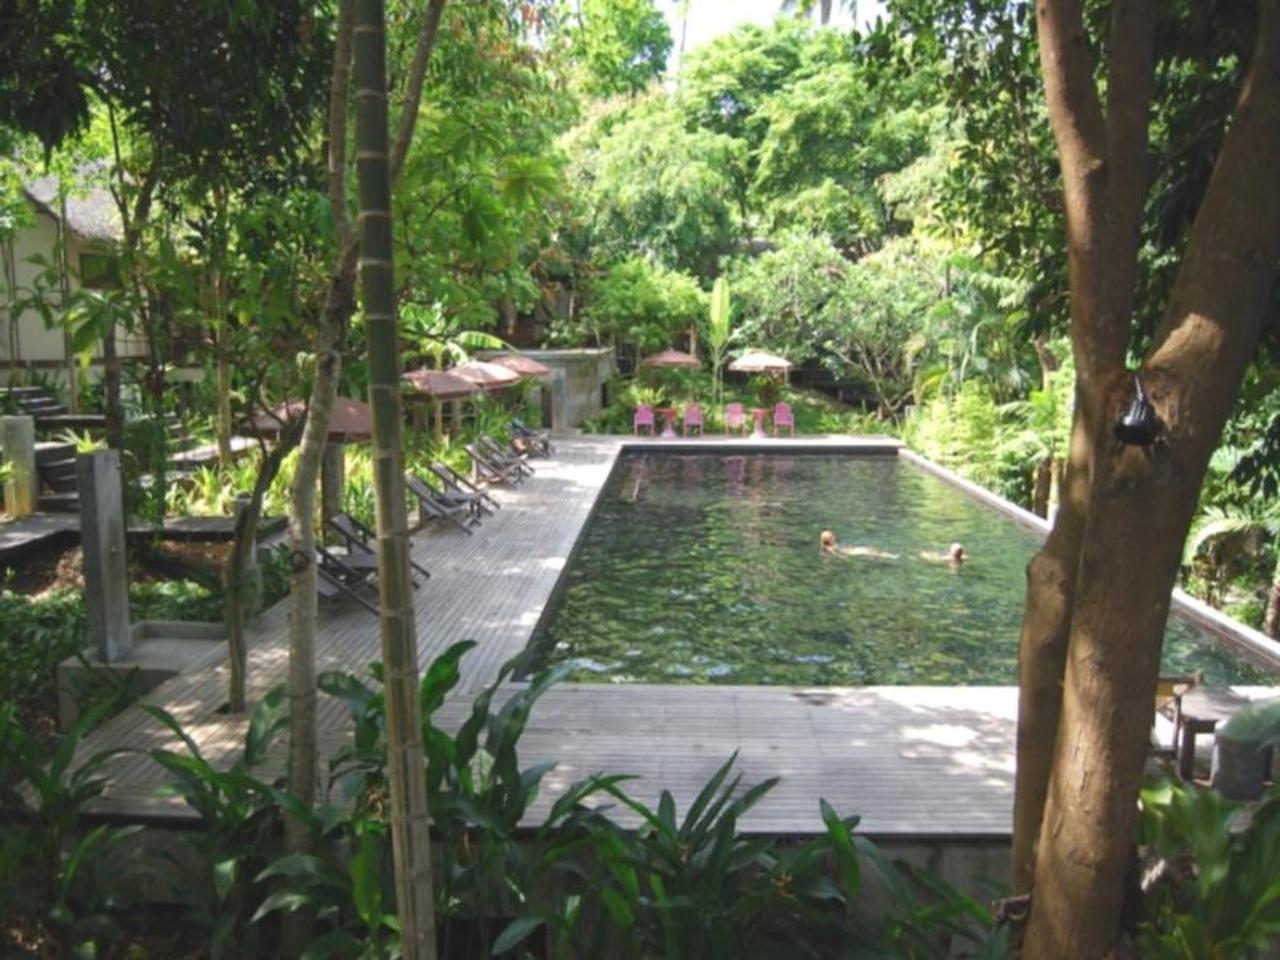 เดอะ ซันเดย์ แซงชูอารี่ รีสอร์ท แอนด์ สปา (The Sundays Sanctuary Resort & Spa)